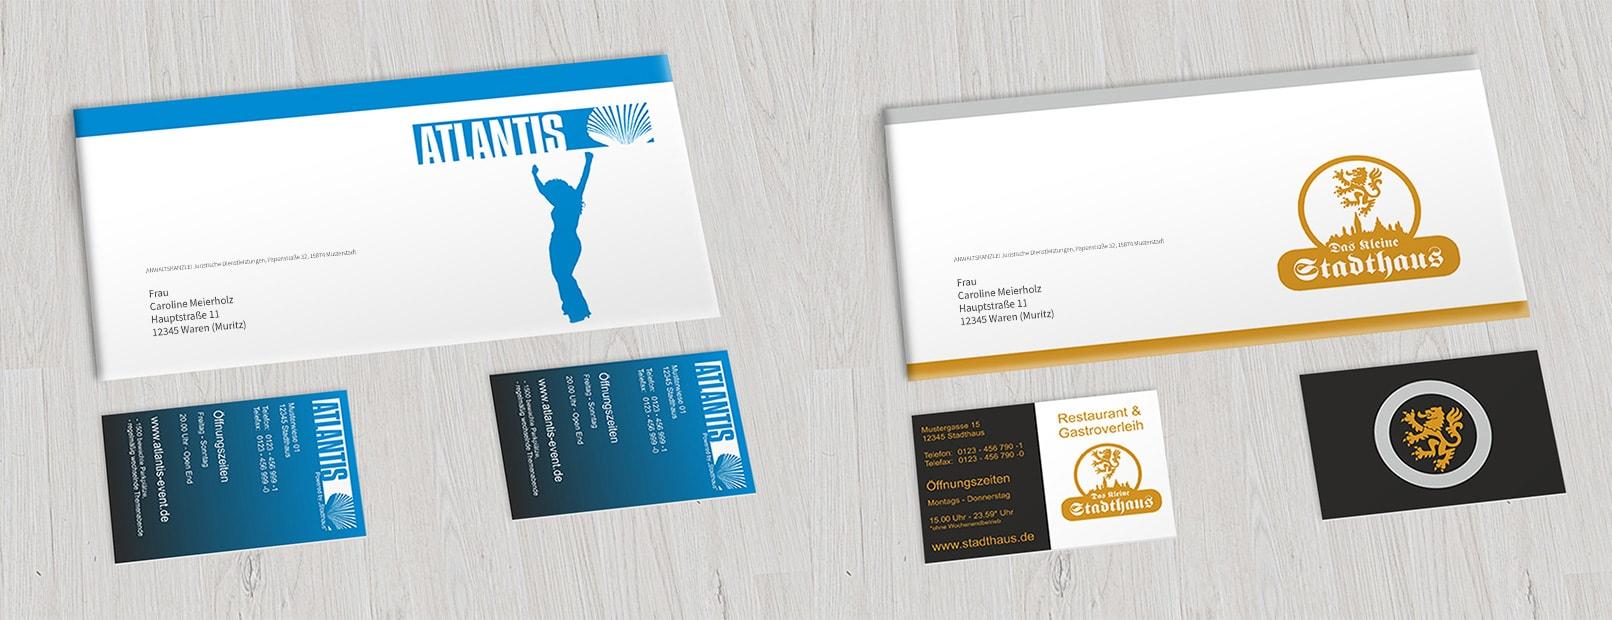 Visitenkarte und Flyer, erstellt im CorelDRAW-Tutorial